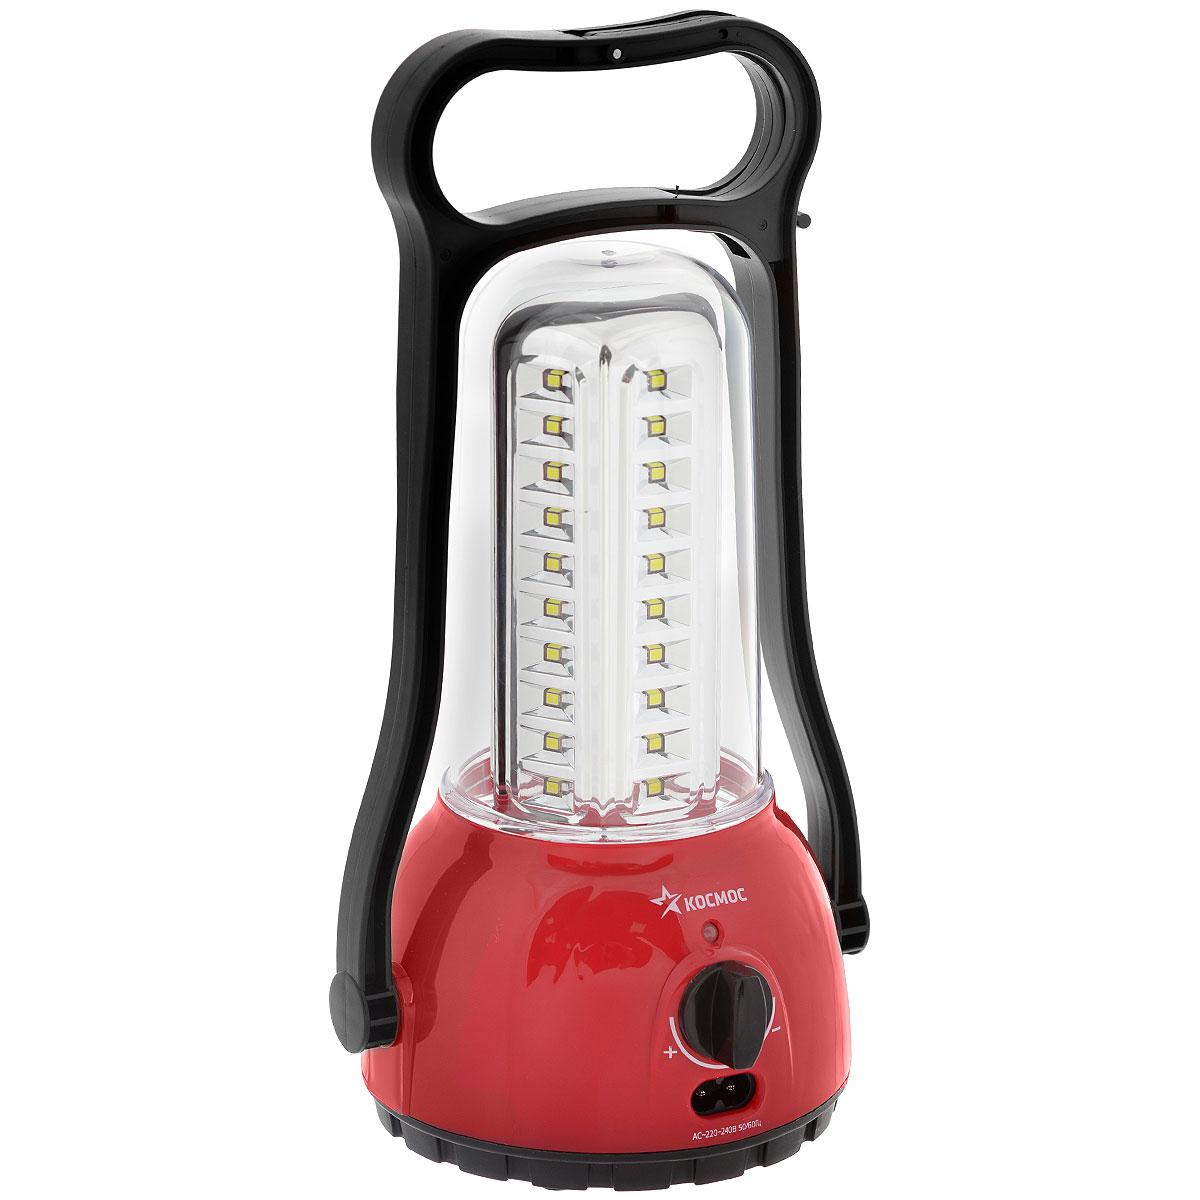 Фонарь кемпинговый Kosmos 6009LED, аккумуляторныйKOCAc6009LEDФонарь Kosmos 6009LED создан для спорта и активного отдыха. Данная модель максимально адаптирована к экстремальным условиям использования, обладает повышенной износостойкостью и подарит вам до 24 часов света в любую погоду.Особенности фонаря: светорегулятор (диммер) позволяет регулировать силу светового потока, экономить энергию аккумулятора в зависимости от уровня выбранной освещенности.Уникальная ручка-трансформер. Крючок для подвешивания.Зарядка от сети220V.Индикация процессазарядки.Источники питания:аккумулятор 4V2Ahх 2Световой поток: 400 Лм.Дальность свечения: 5 мТемпература использования: от -10 до +40°С.